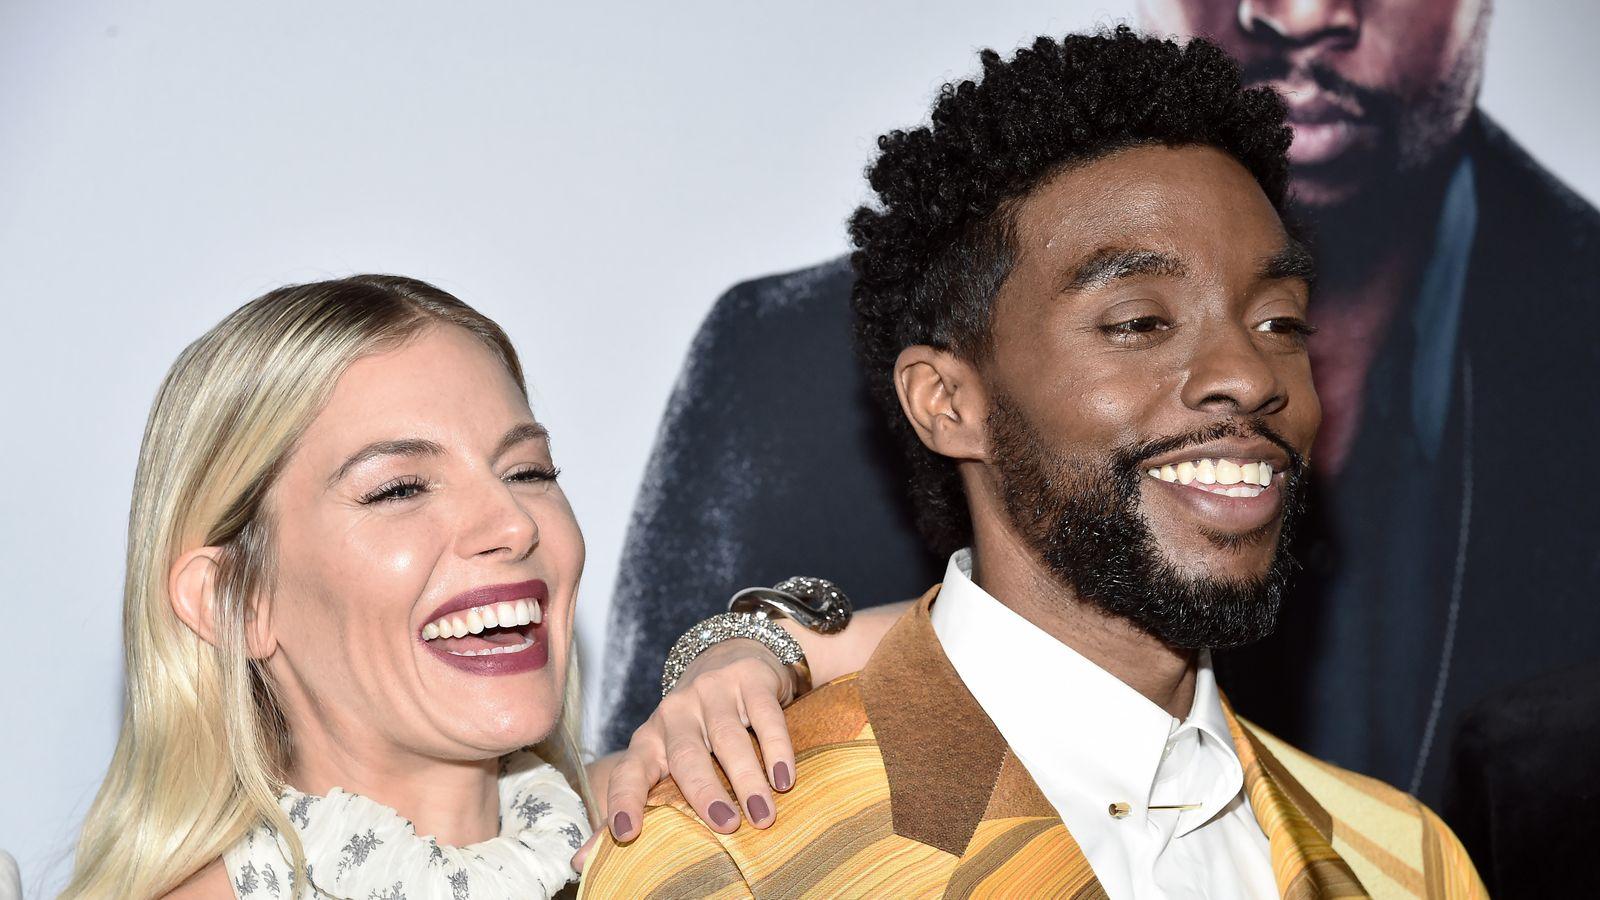 Por que Chadwick Boseman doou parte de seu salário para Sienna Miller?